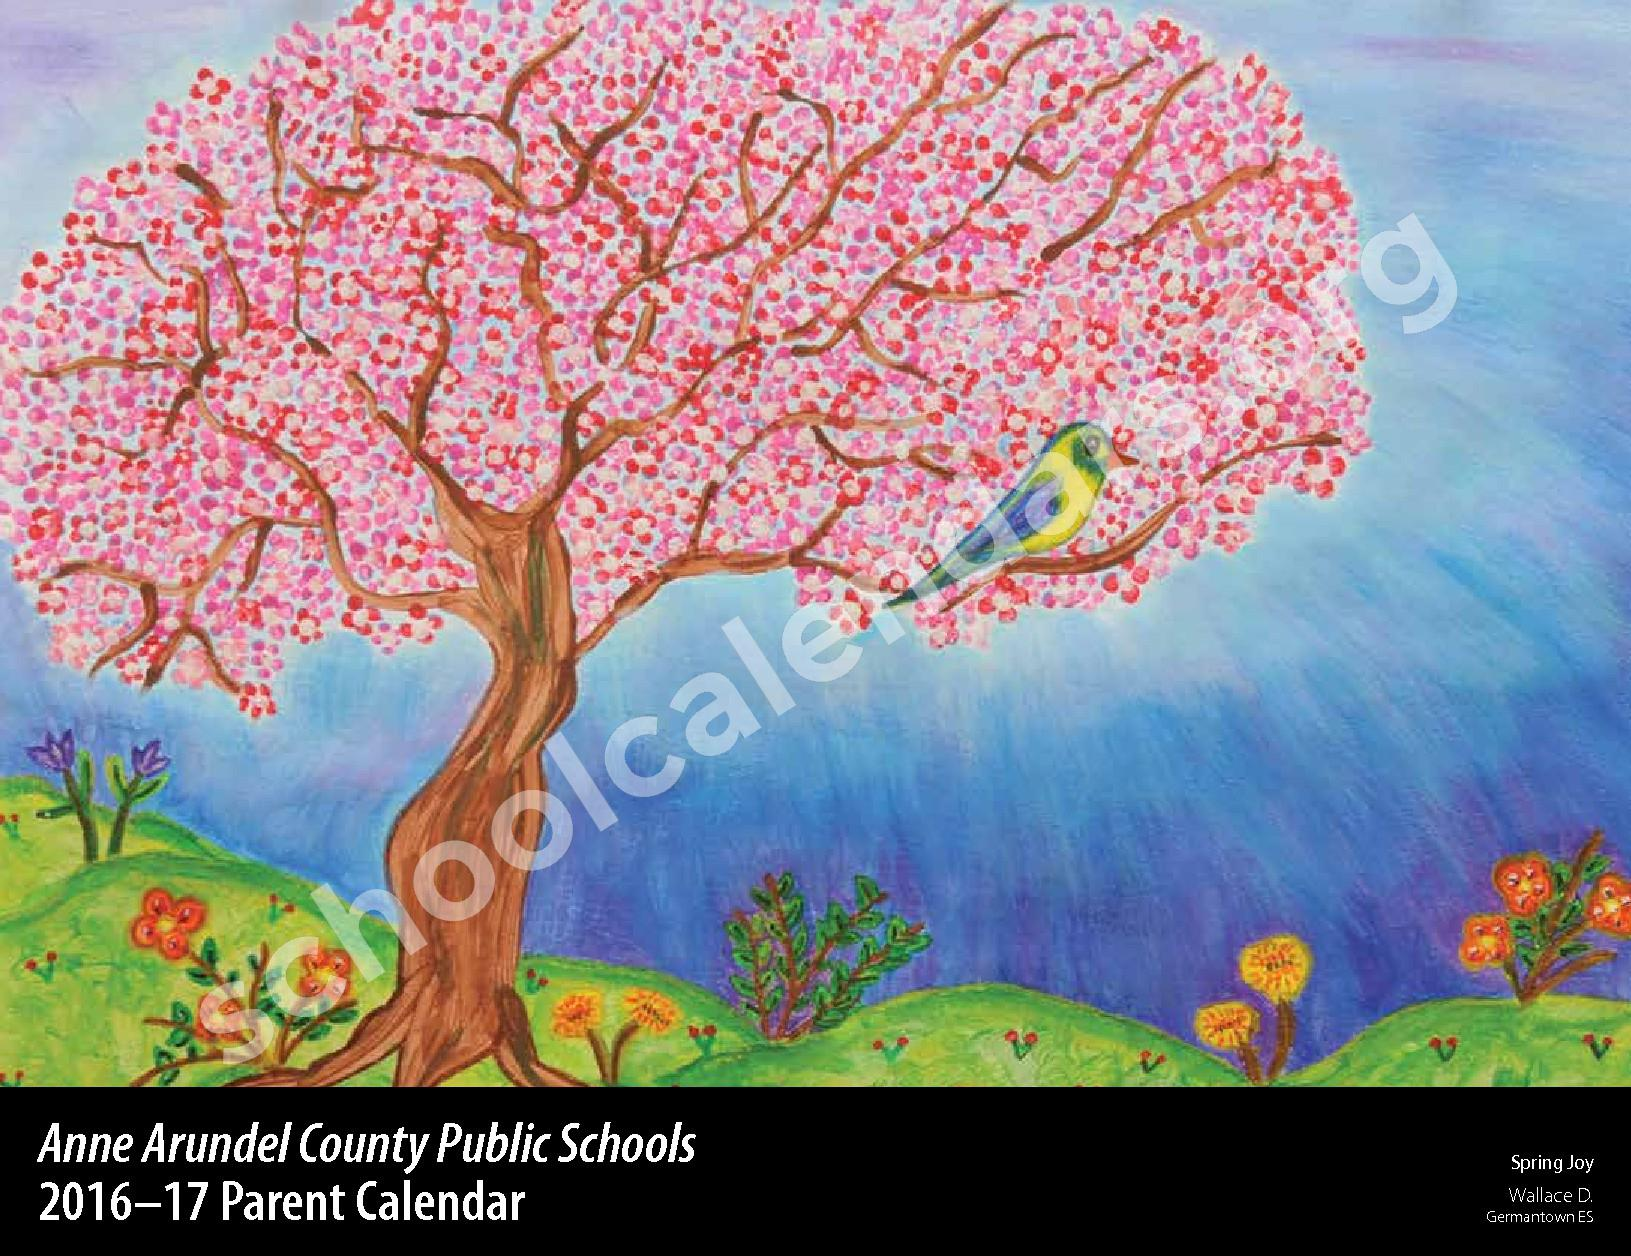 2016 - 2017 Parent Calendar – Anne Arundel County Public Schools – page 1